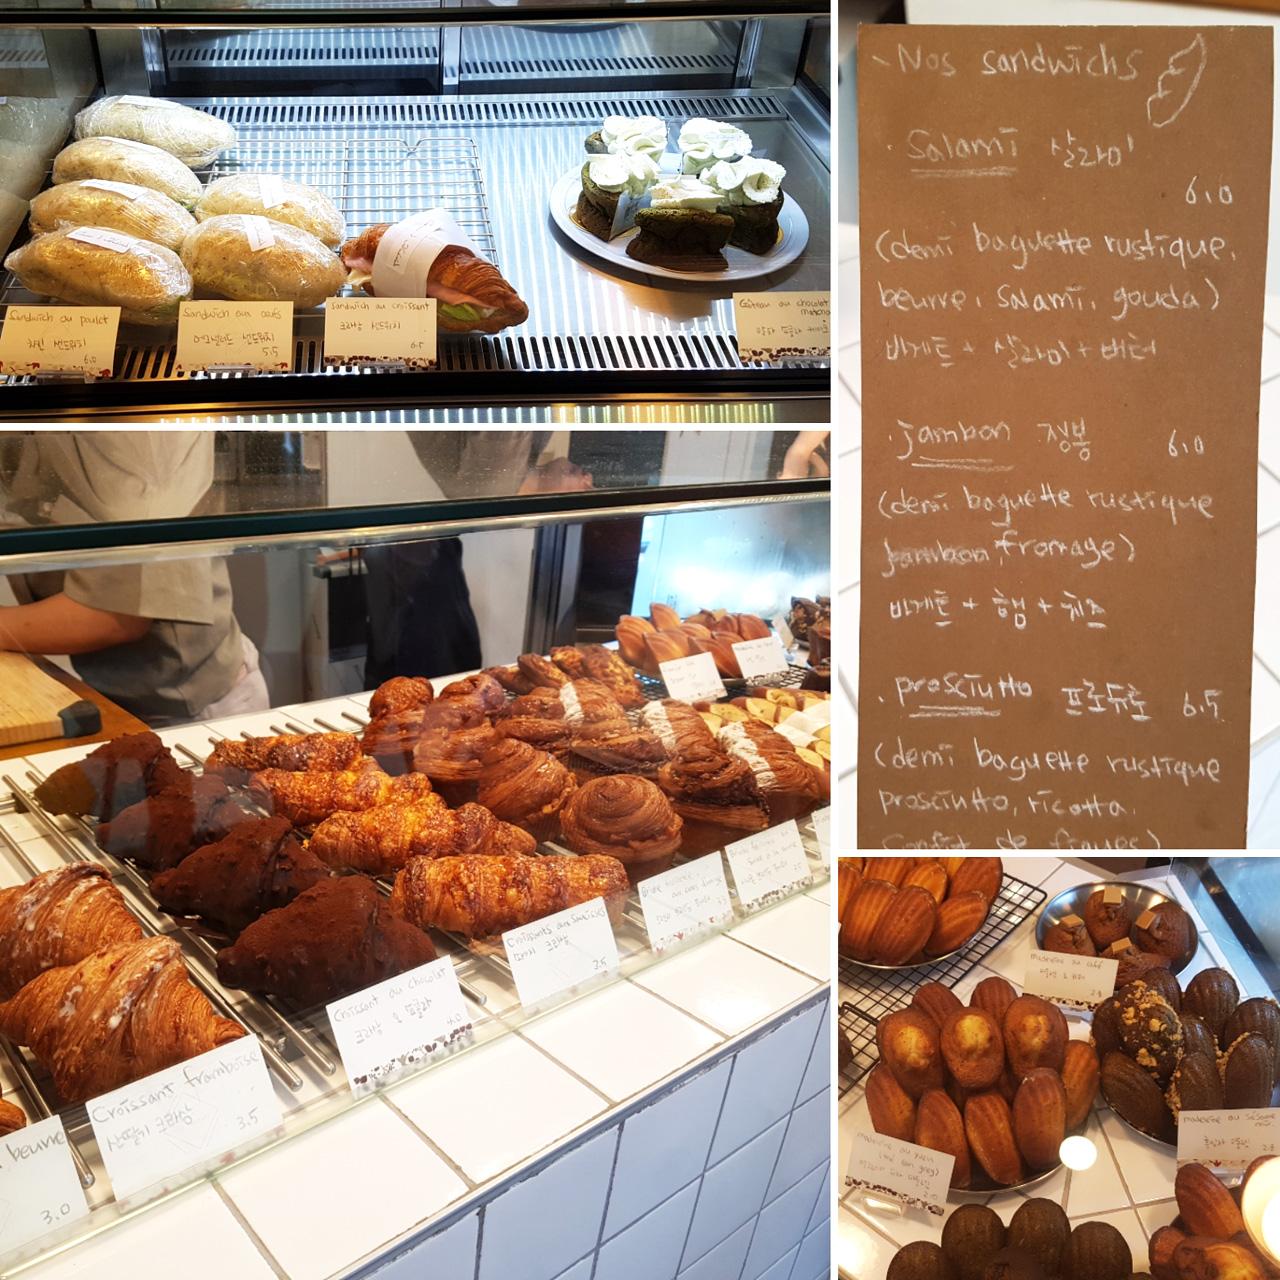 다양한 프랑스식 빵들을 파는 빵집이다.